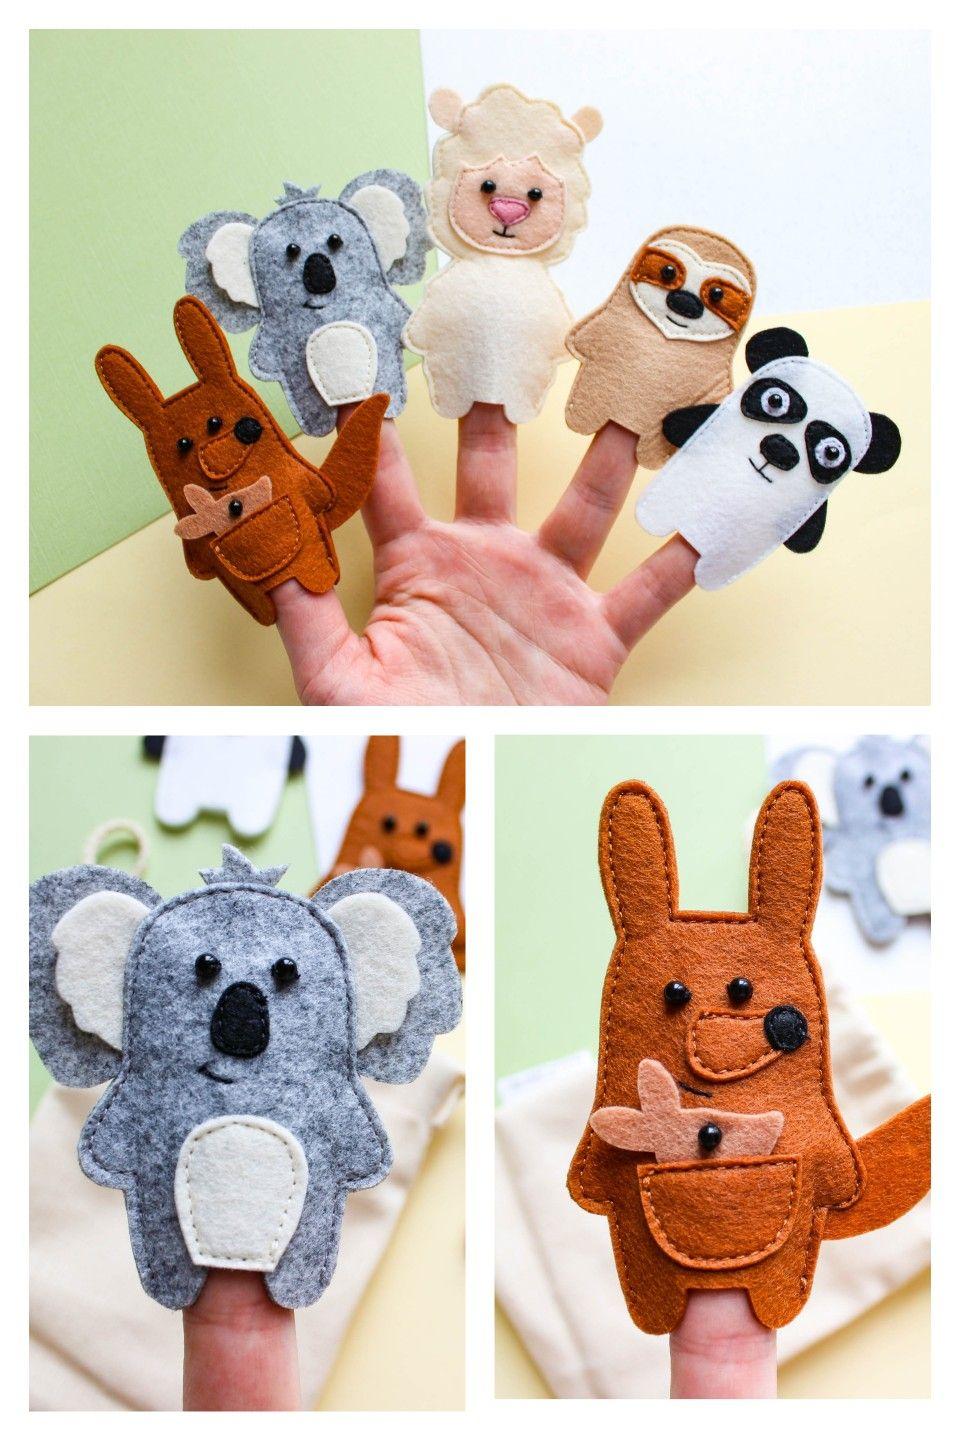 Felt Finger Puppets For Children and Babies Jungle Animal Finger Puppets Kids Felt Toys Safari Animal Finger Puppets Set